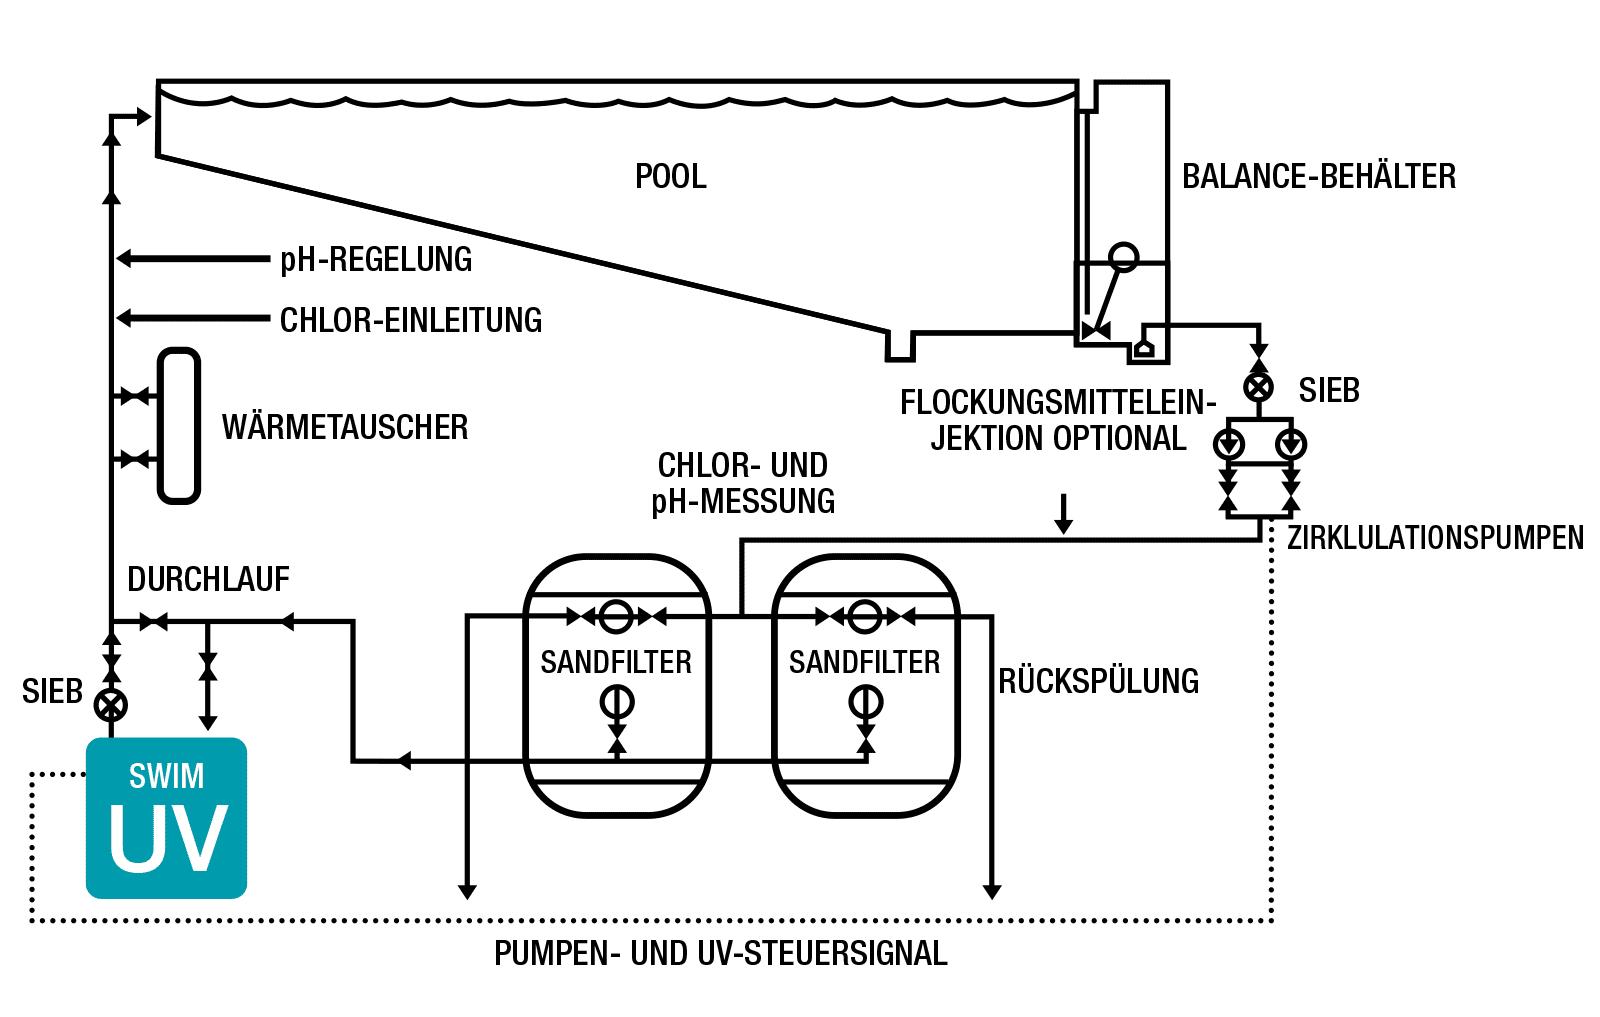 Mögliche Position von UV-Systemen in einem typischen Poolwassersystem.